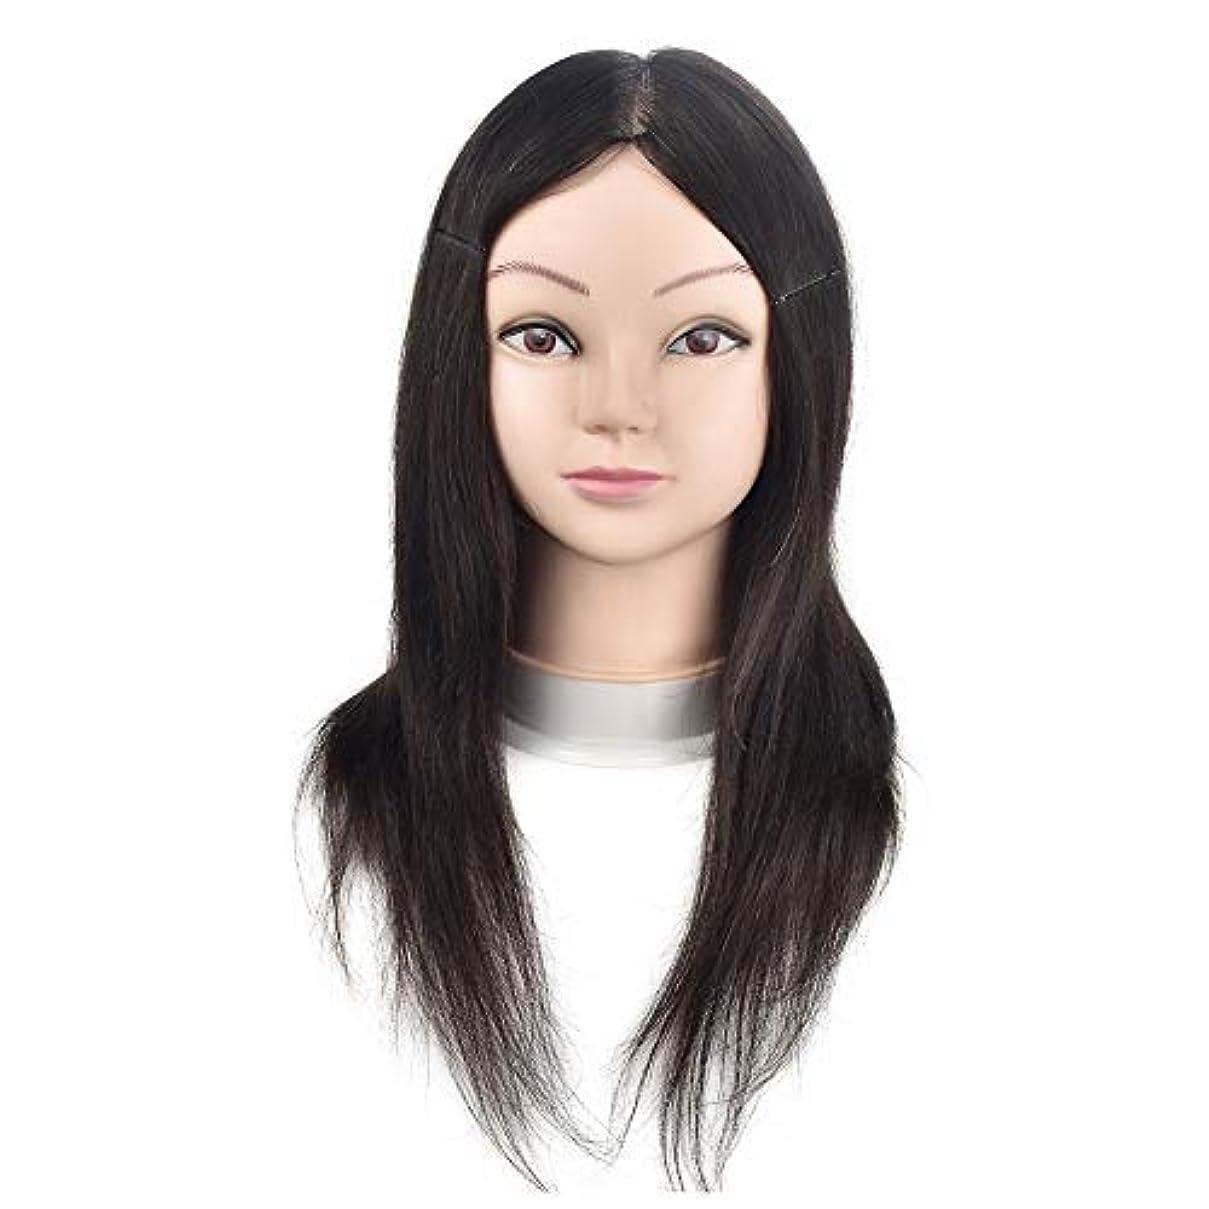 当社自発放棄本物の髪、髪編組髪、熱い染毛ヘッド型サロン形状かつら運動ヘッド散髪学習ダミーヘッド